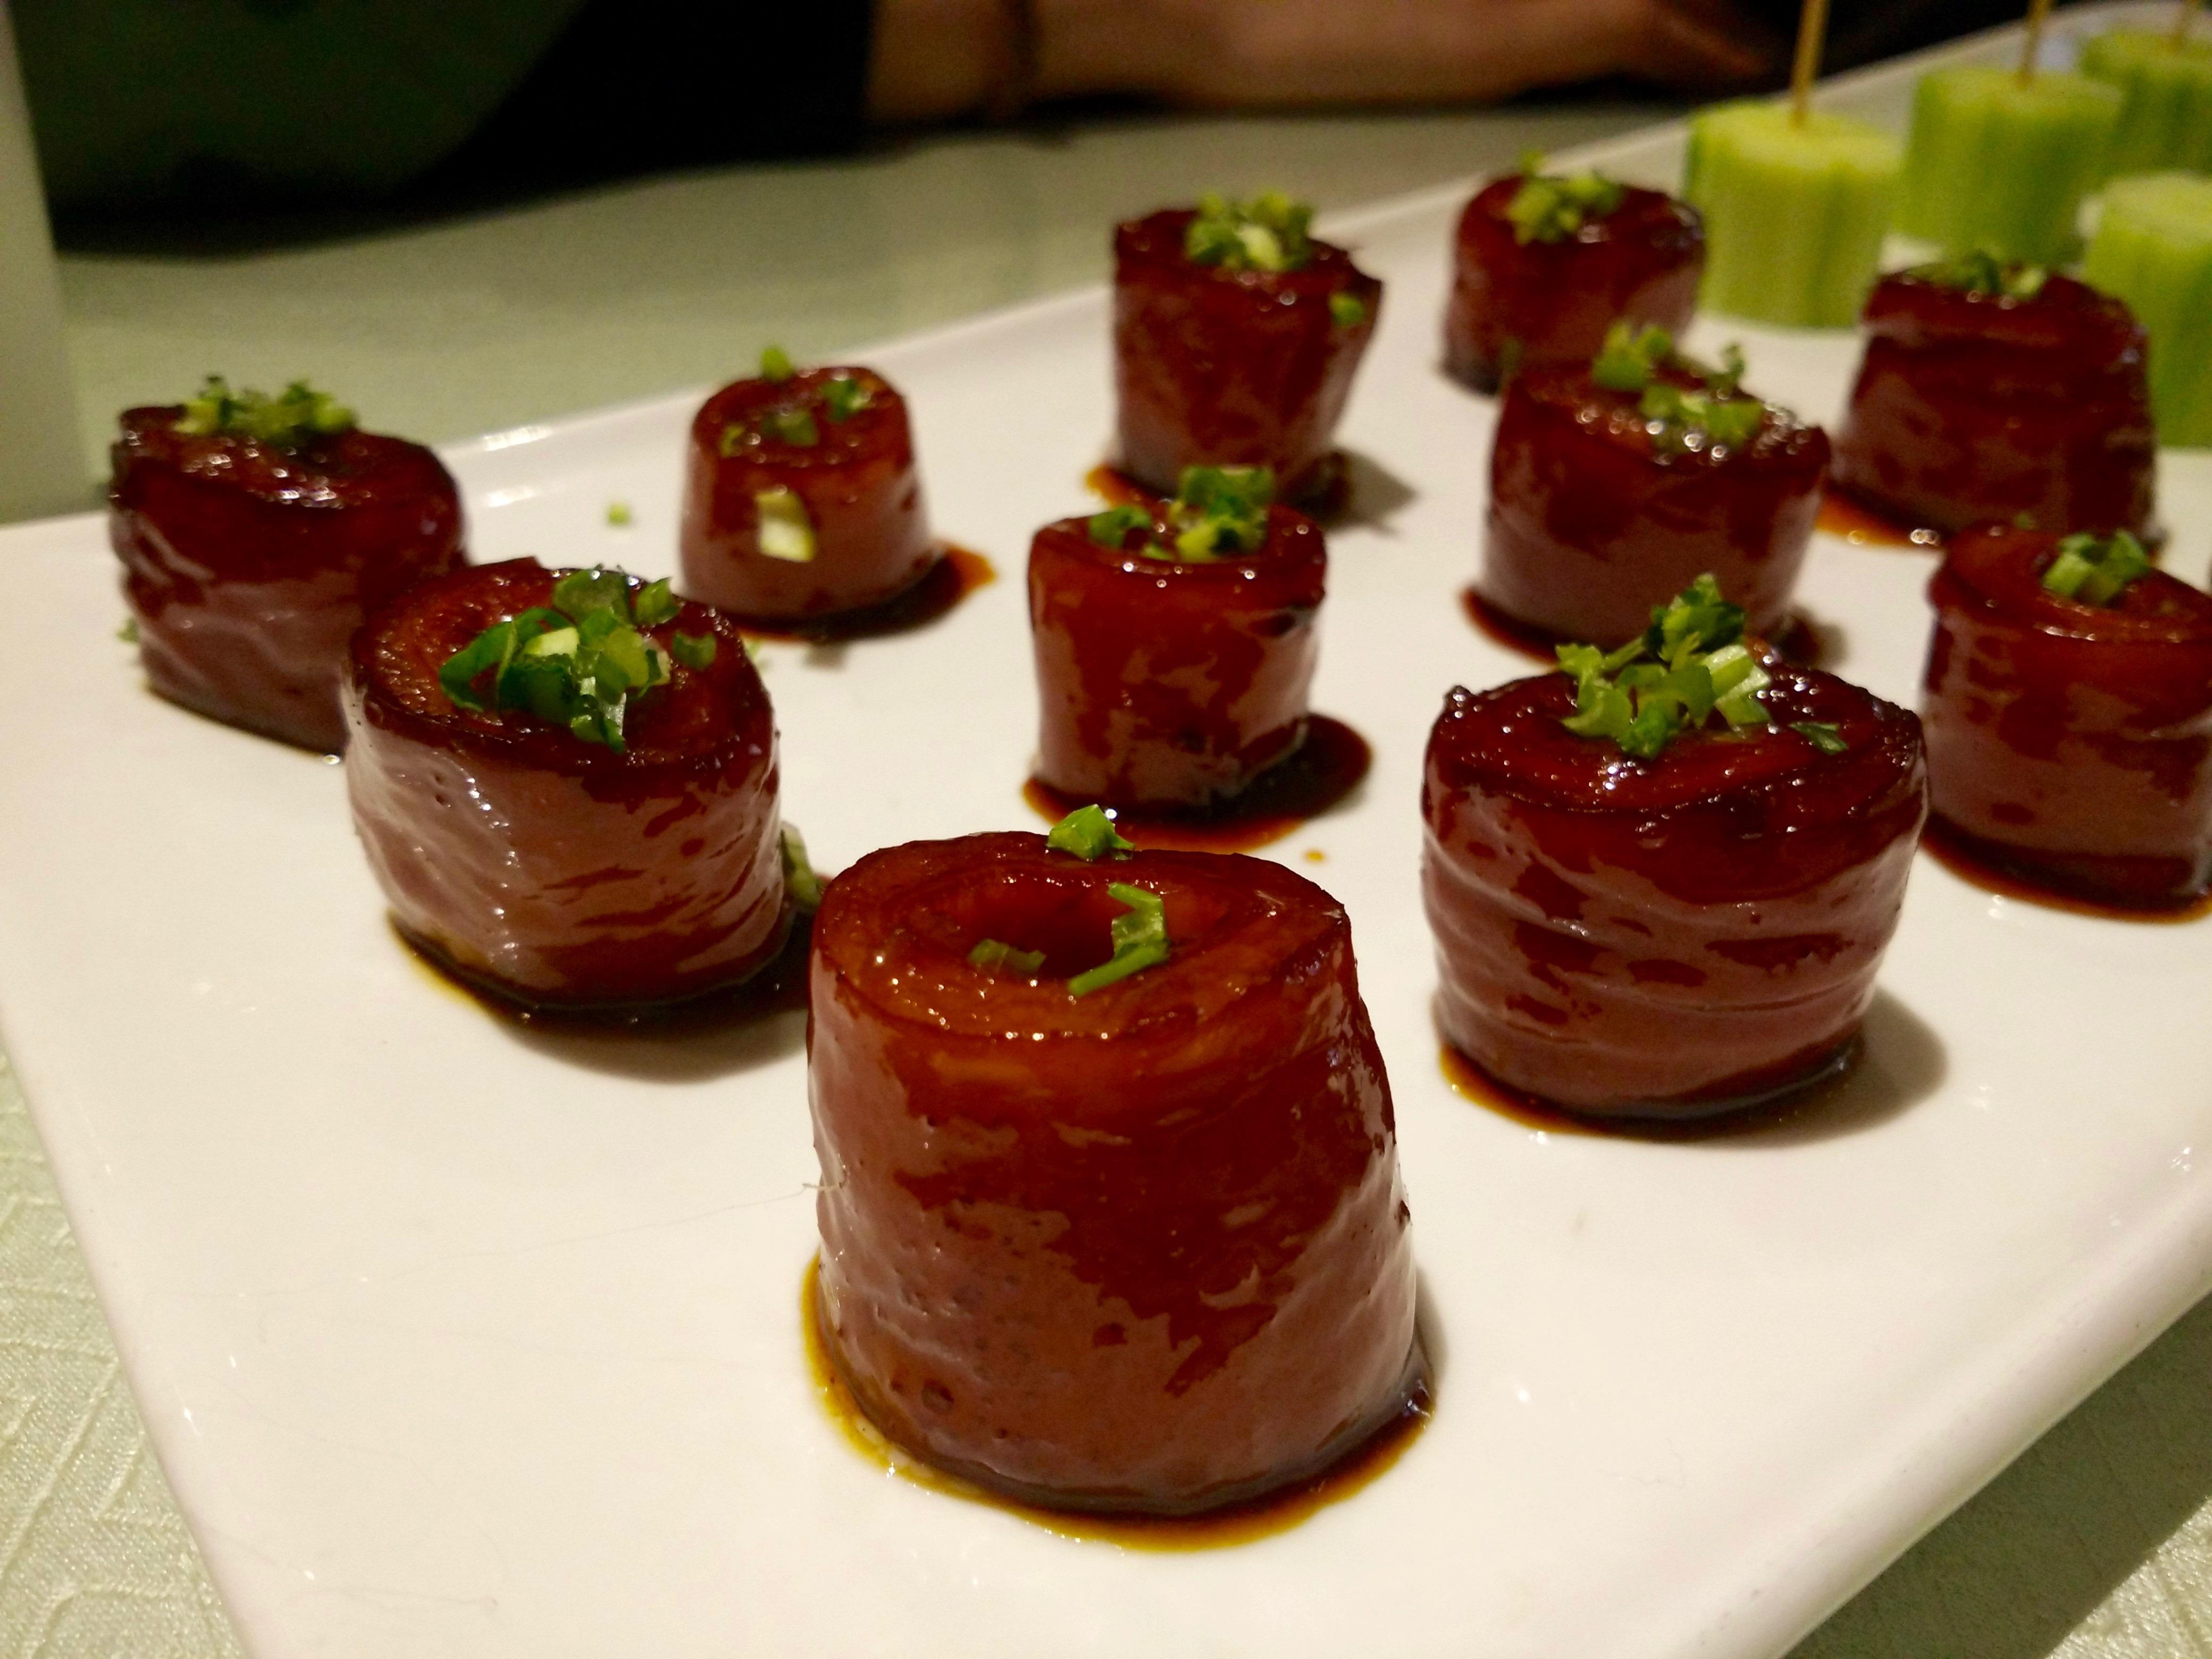 Gratis billeder fad m ltid mad fremstille dessert for Canape hors d oeuvres difference